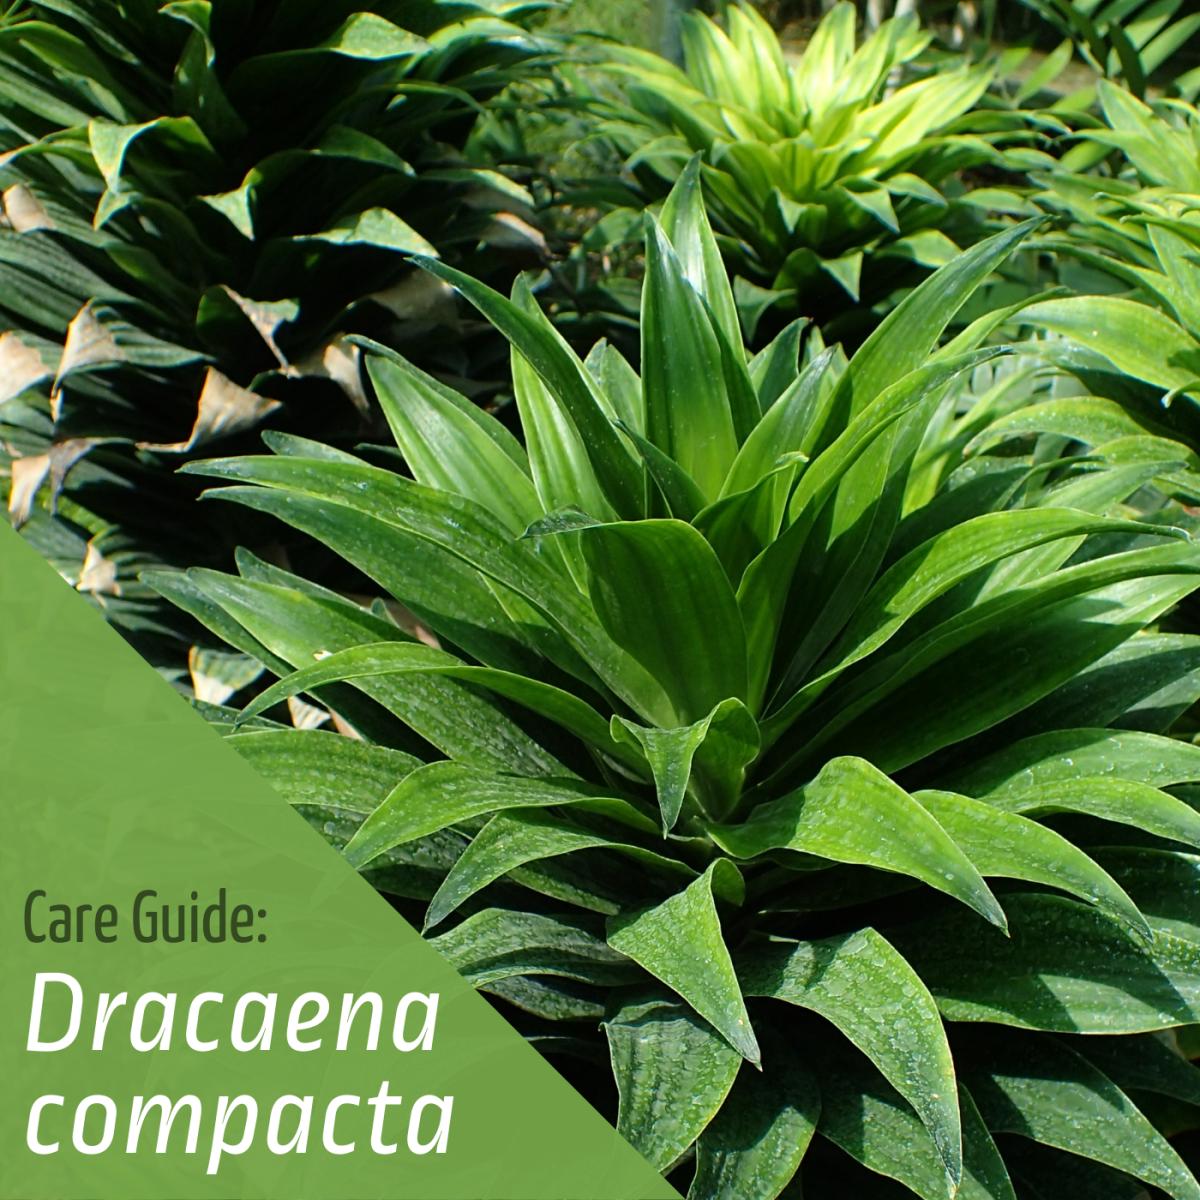 Learn how to grow a healthy Dracaena compacta.